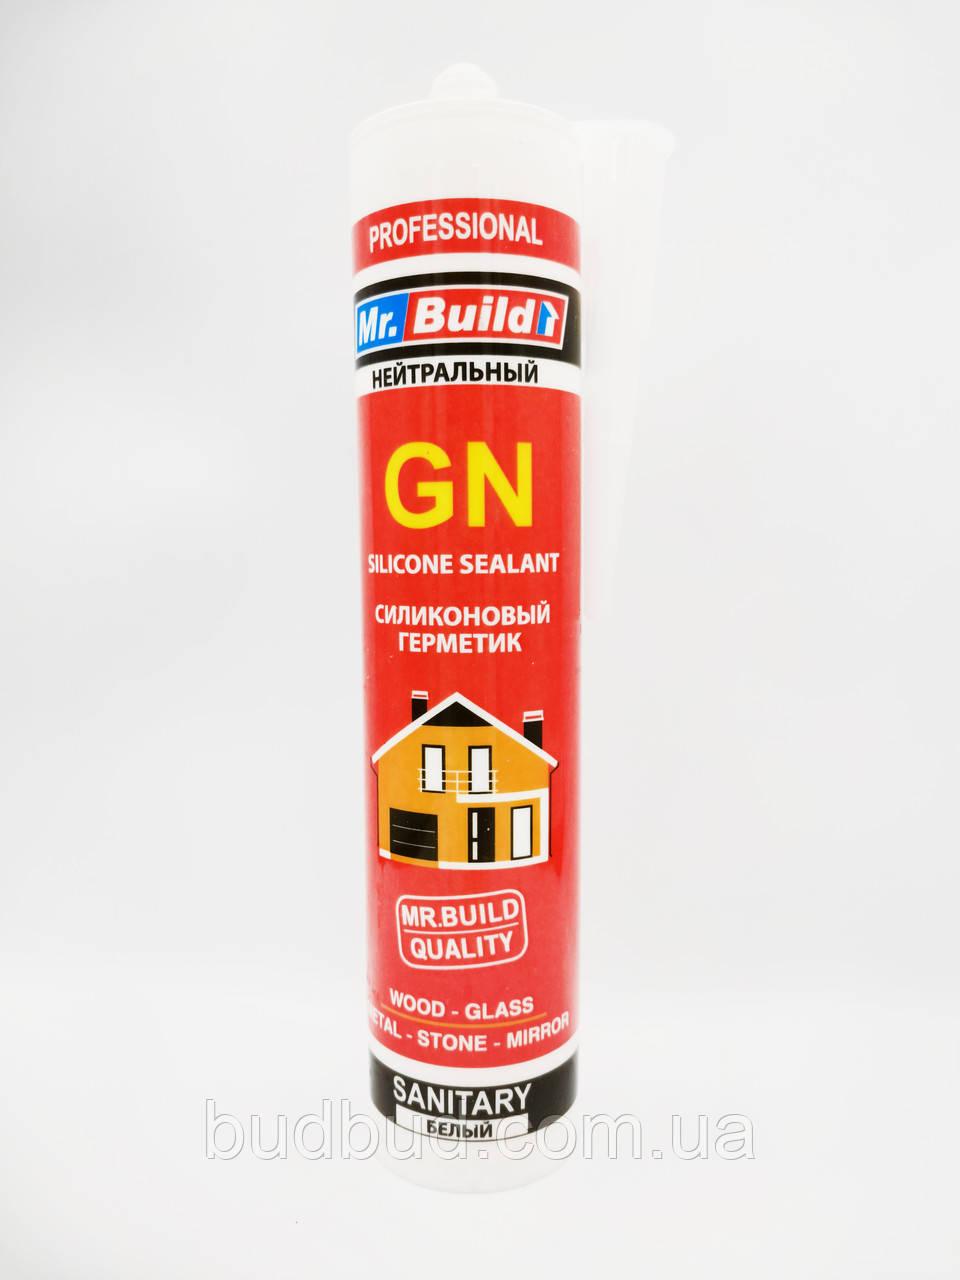 Mr.Build GN - нейтральный силиконовый герметик белый, 280 мл